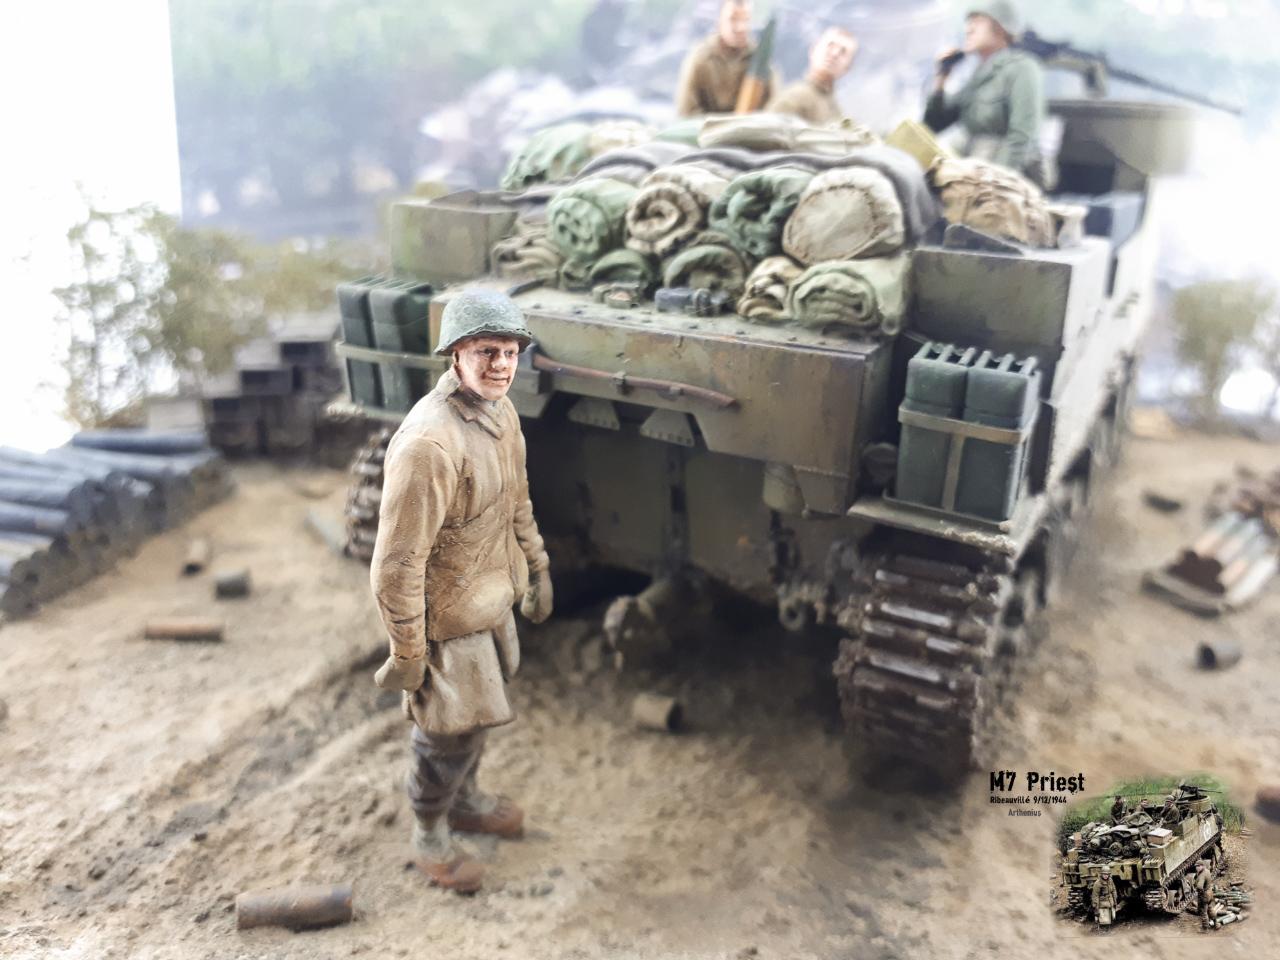 M7 Priest Ribeauvillé 9/12/1944 2018-168